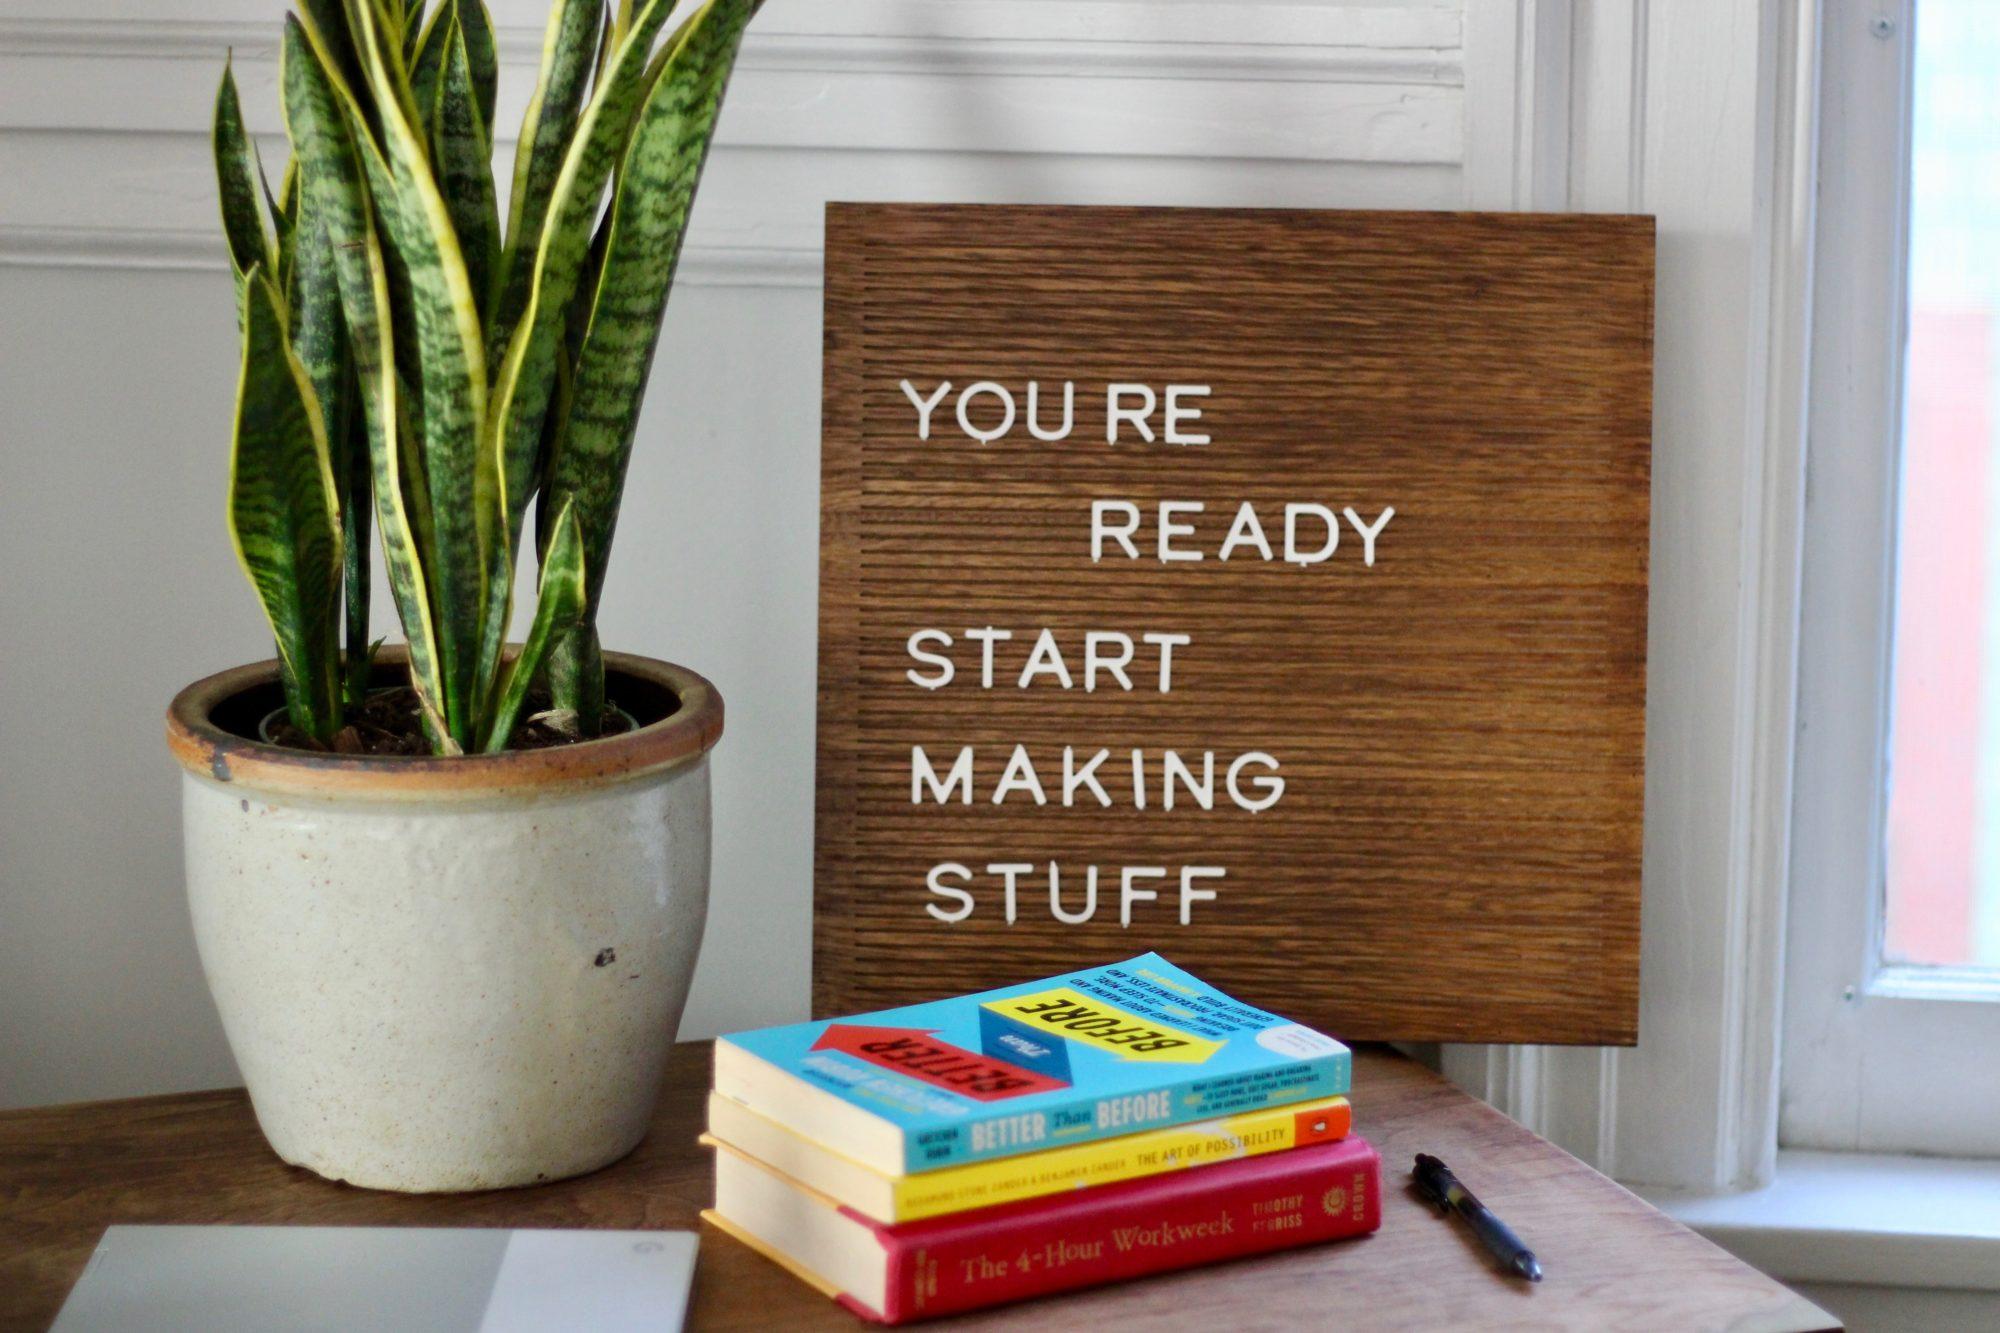 you're ready start making stuff